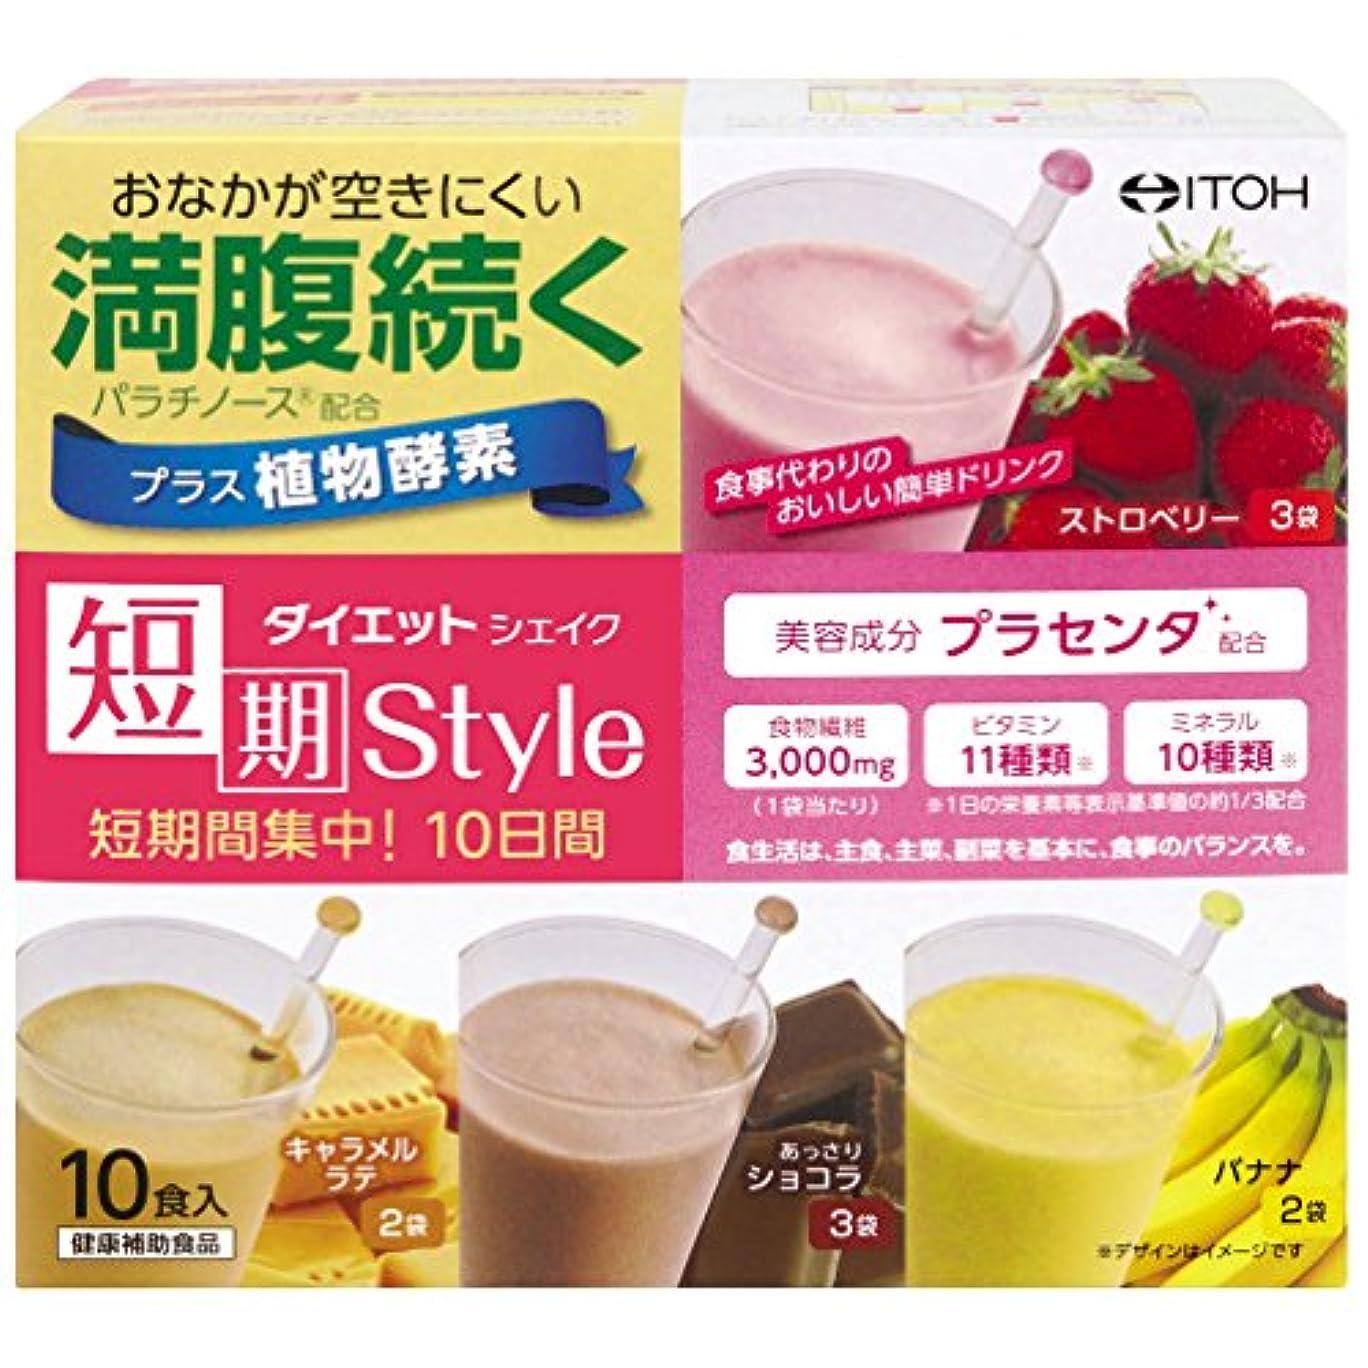 モンゴメリータイムリーな崩壊井藤漢方製薬 短期スタイル ダイエットシェイク 10食分 25gX10袋